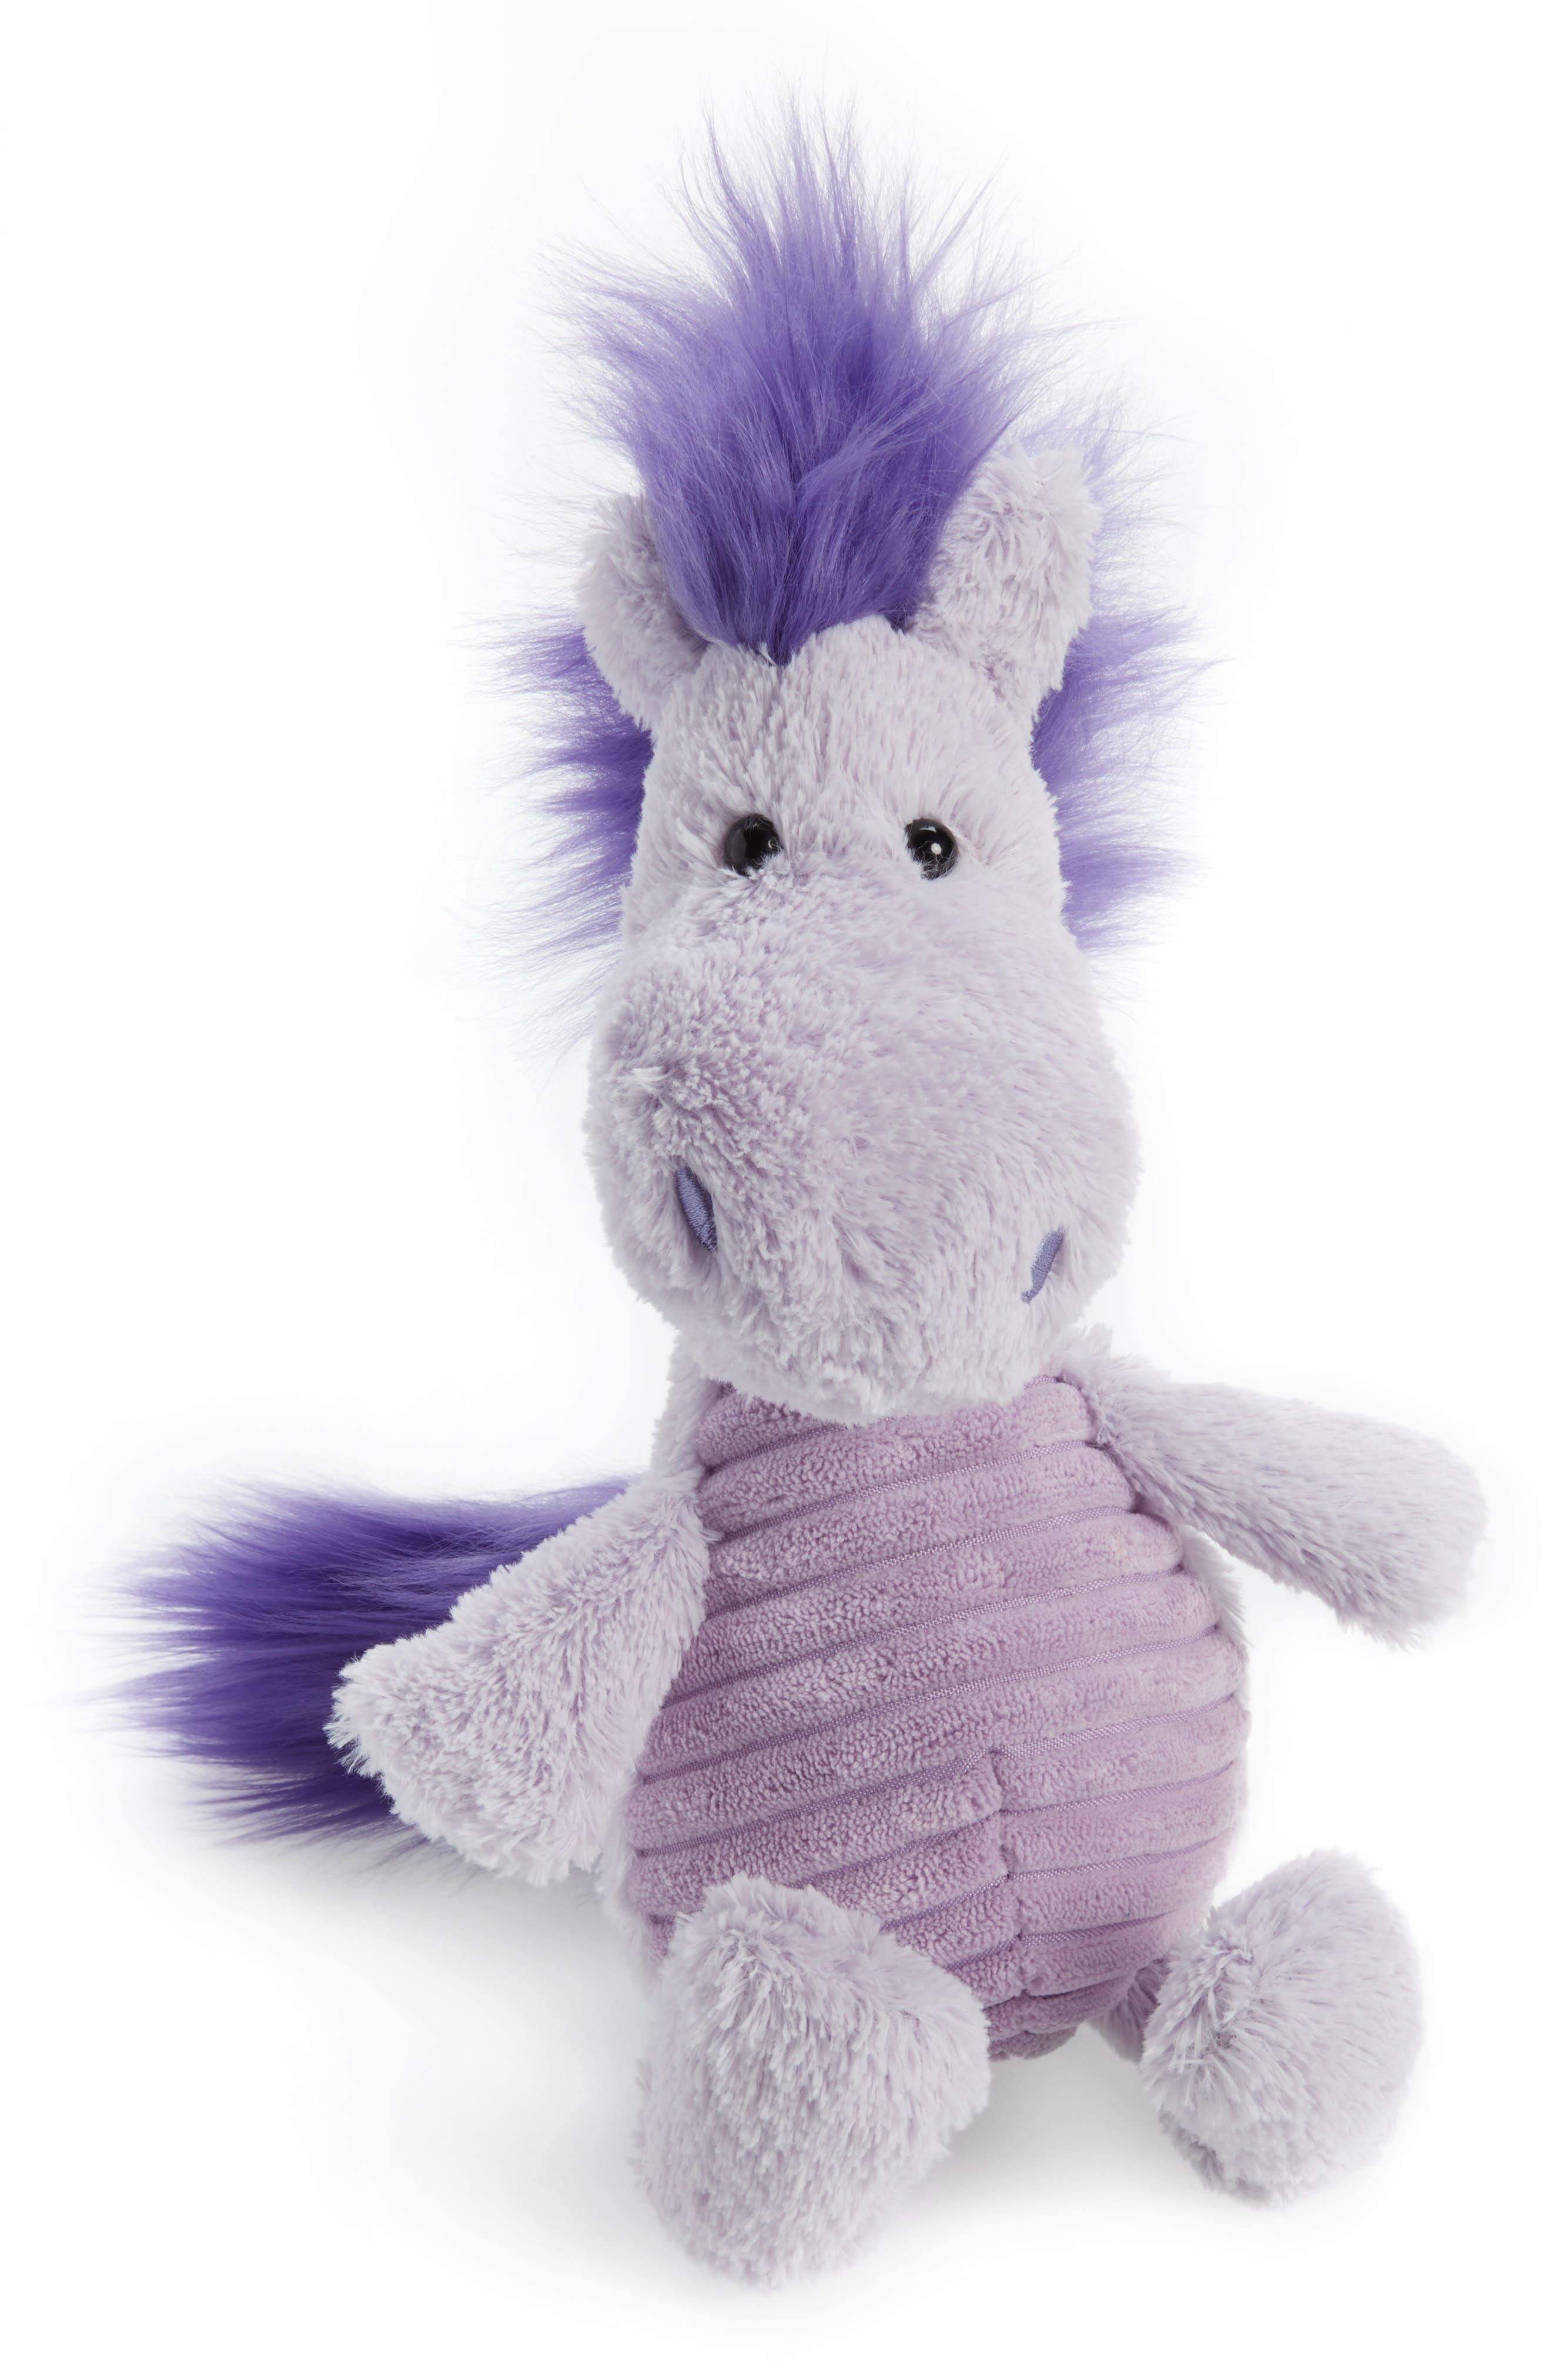 Snagglebaggle Penny Pony Stuffed Animal,                             Main thumbnail 1, color,                             LILAC